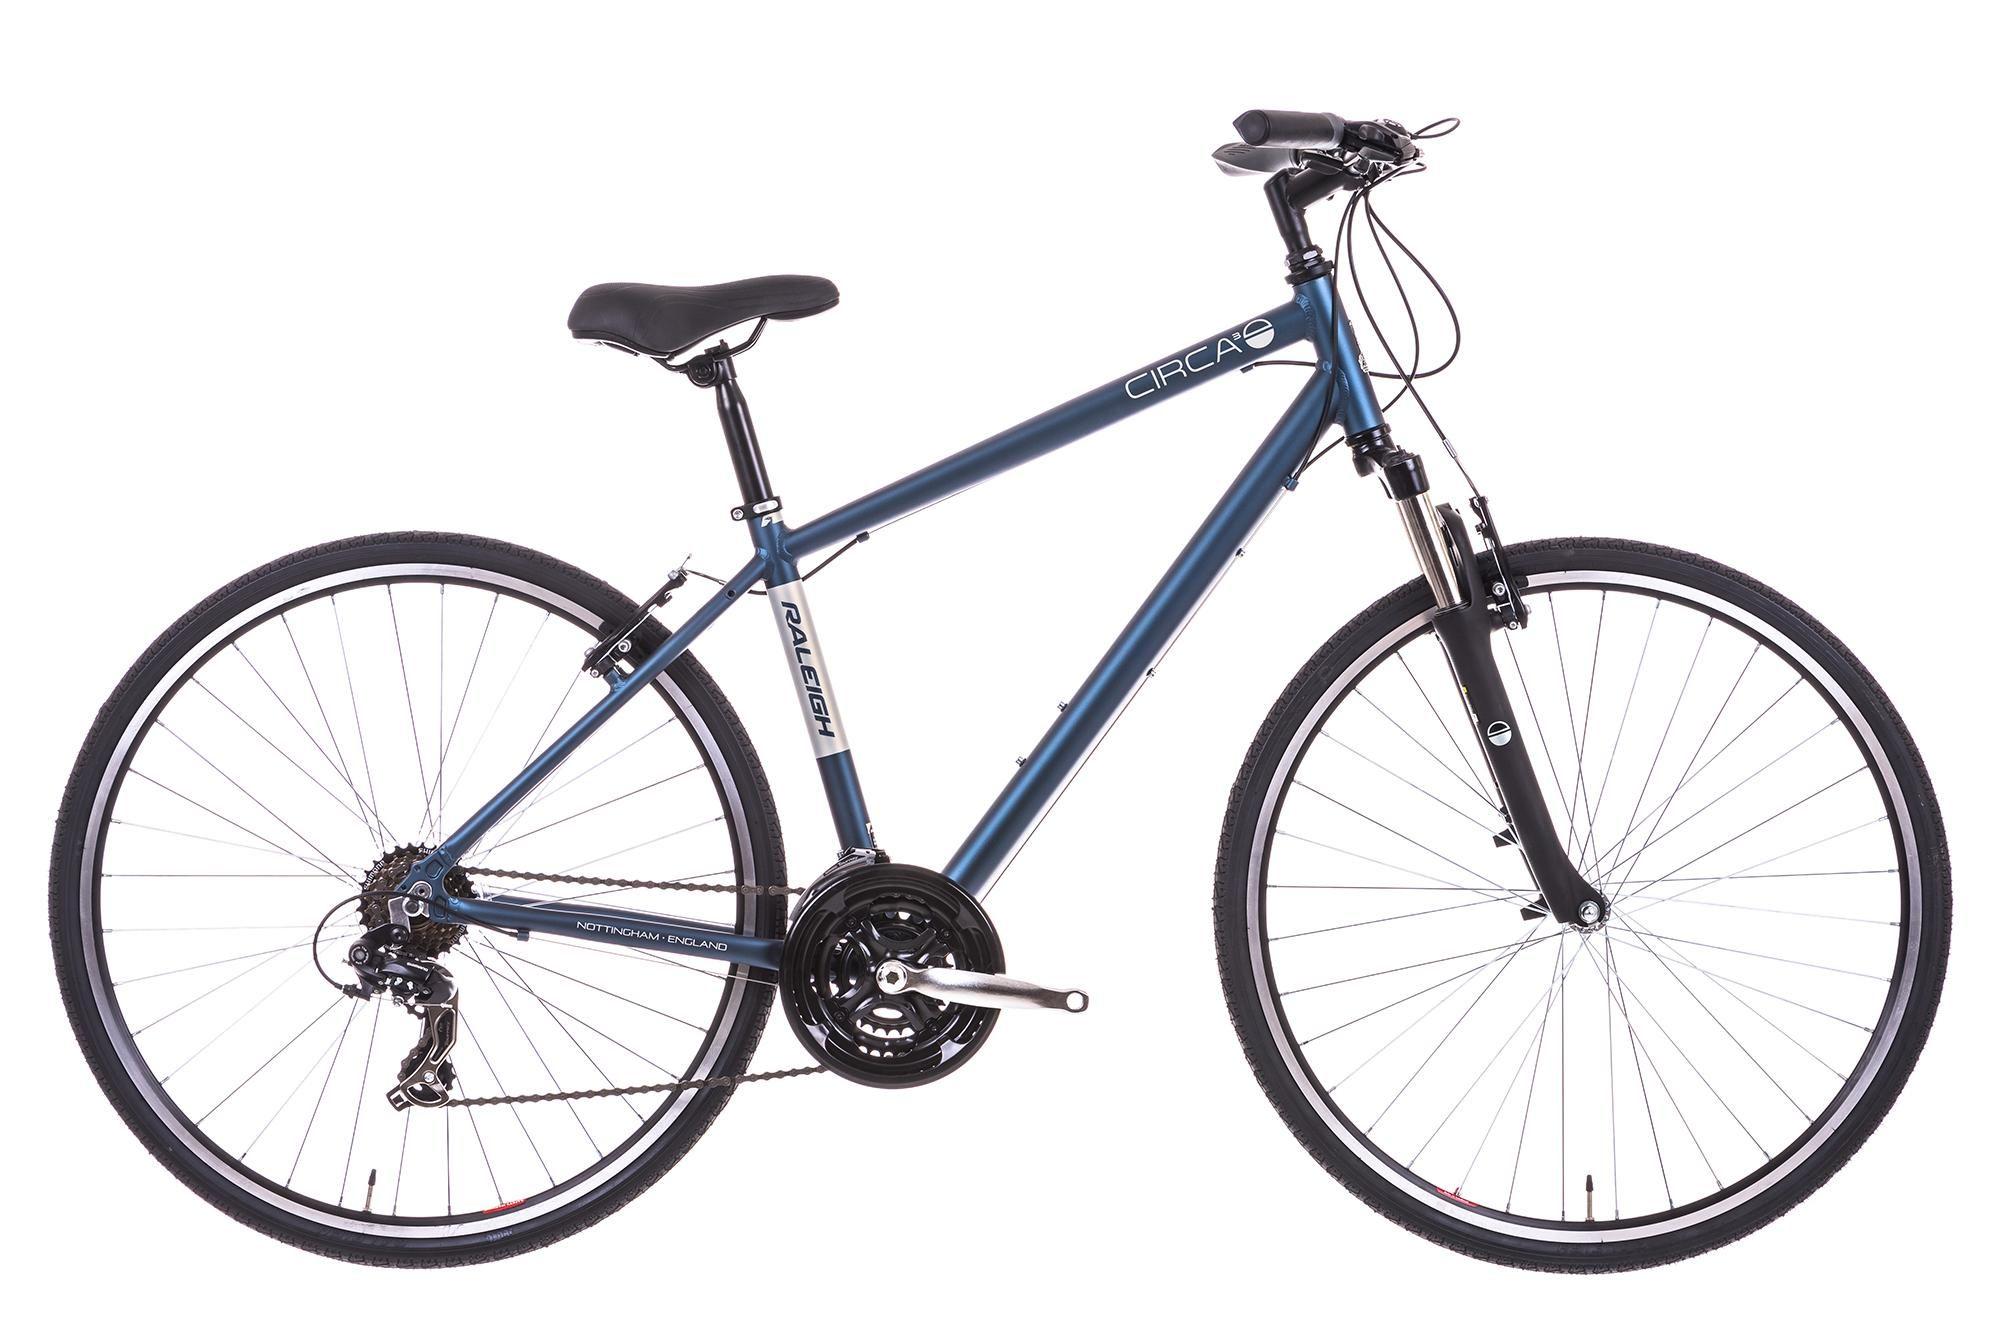 Circa 3 Crossbar Trek bicycle, Bicycle, Trek bikes